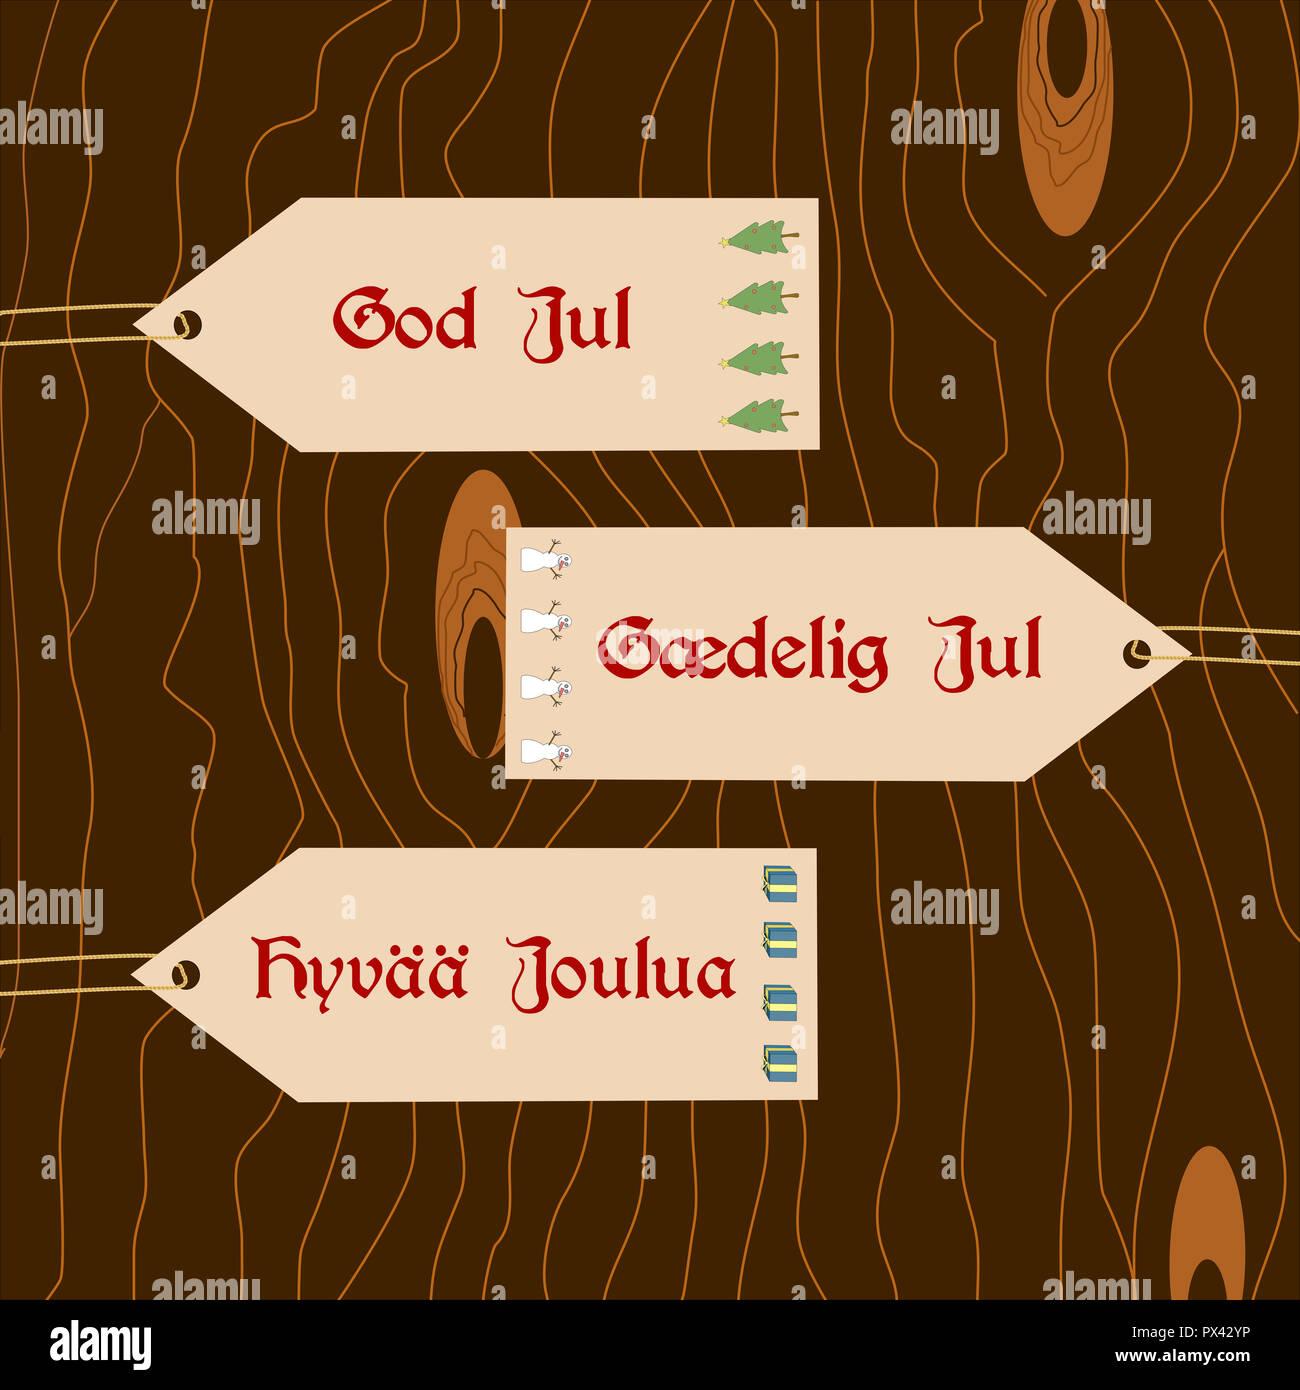 Frohe Weihnachten Norwegisch.Skandinavische Wünsche Karten Mit Frohe Weihnachten In Dänisch